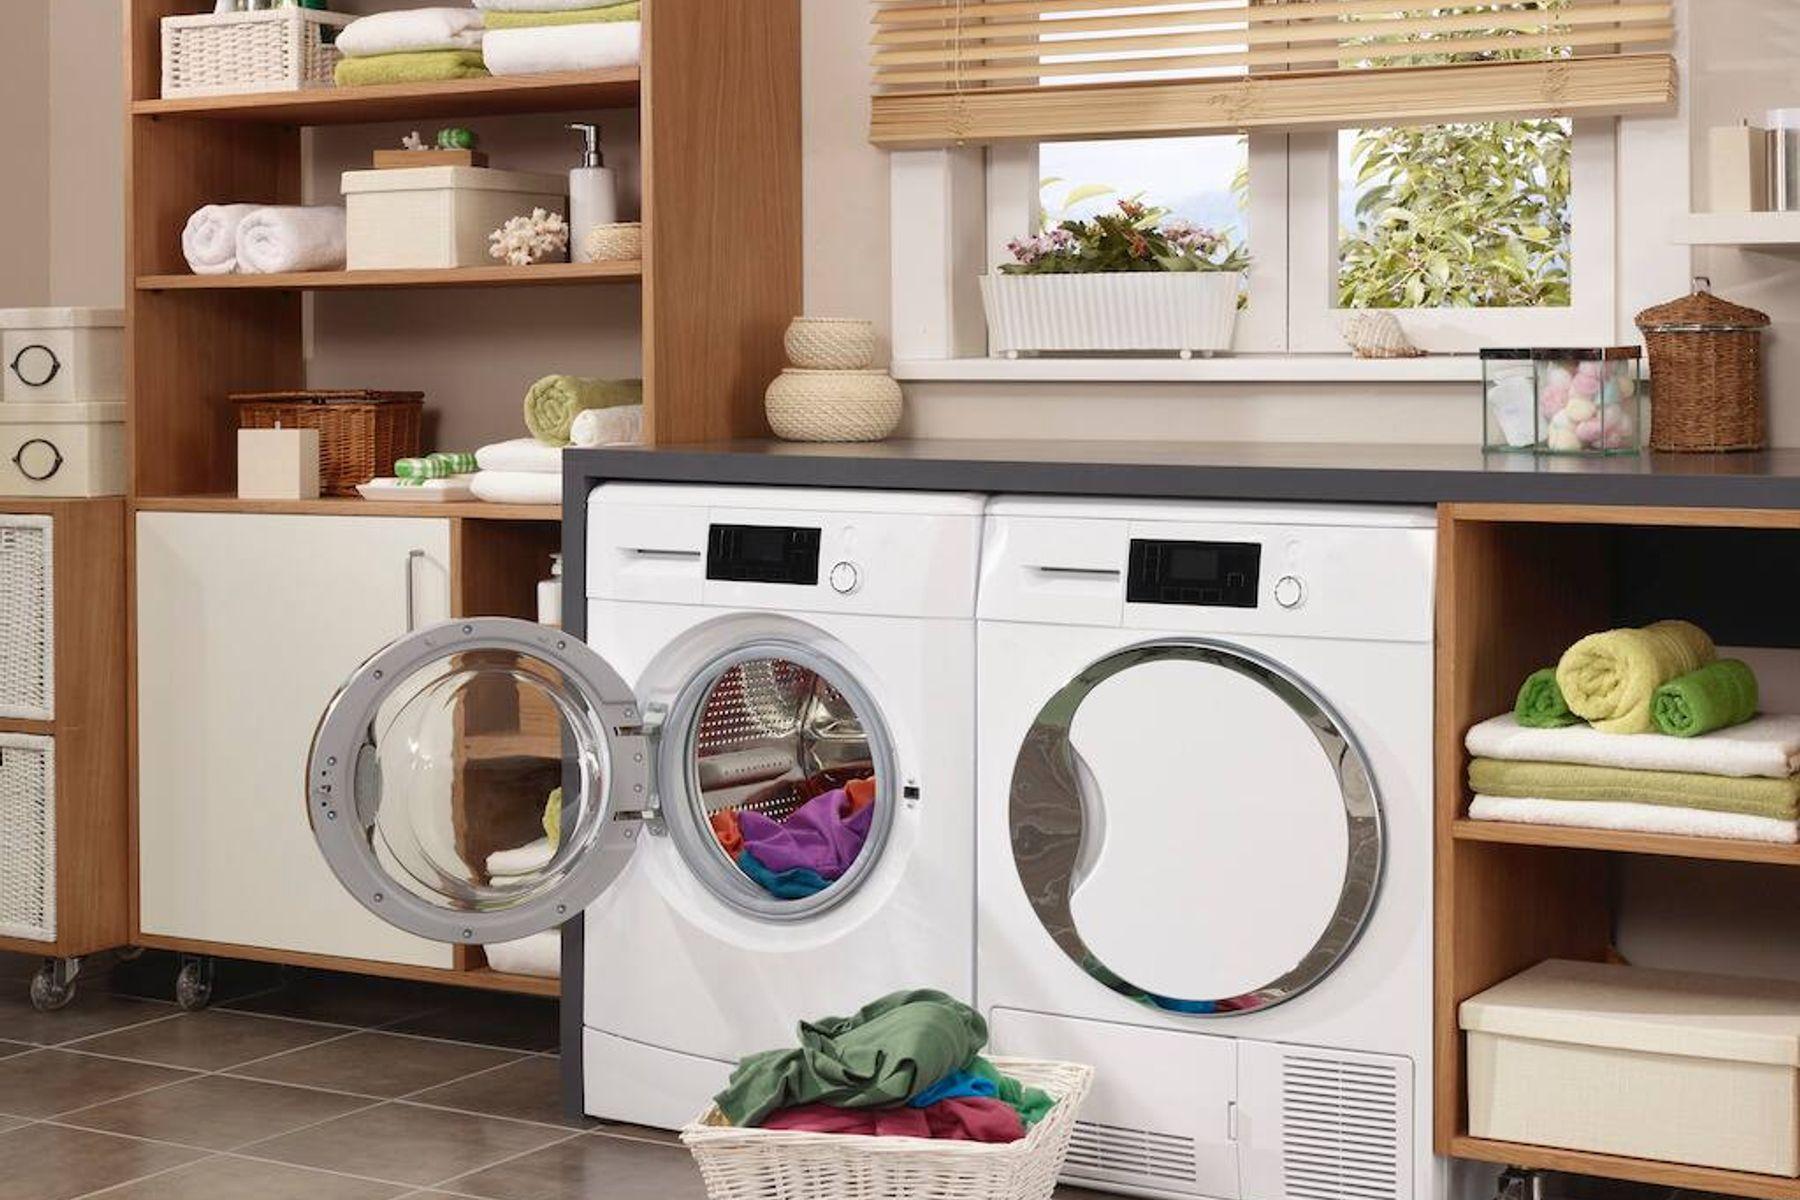 Nước giặt OMO Matic Cửa trước Khử mùi Thư thái: Gấp 3 bảo vệ cho máy giặt, áo quần